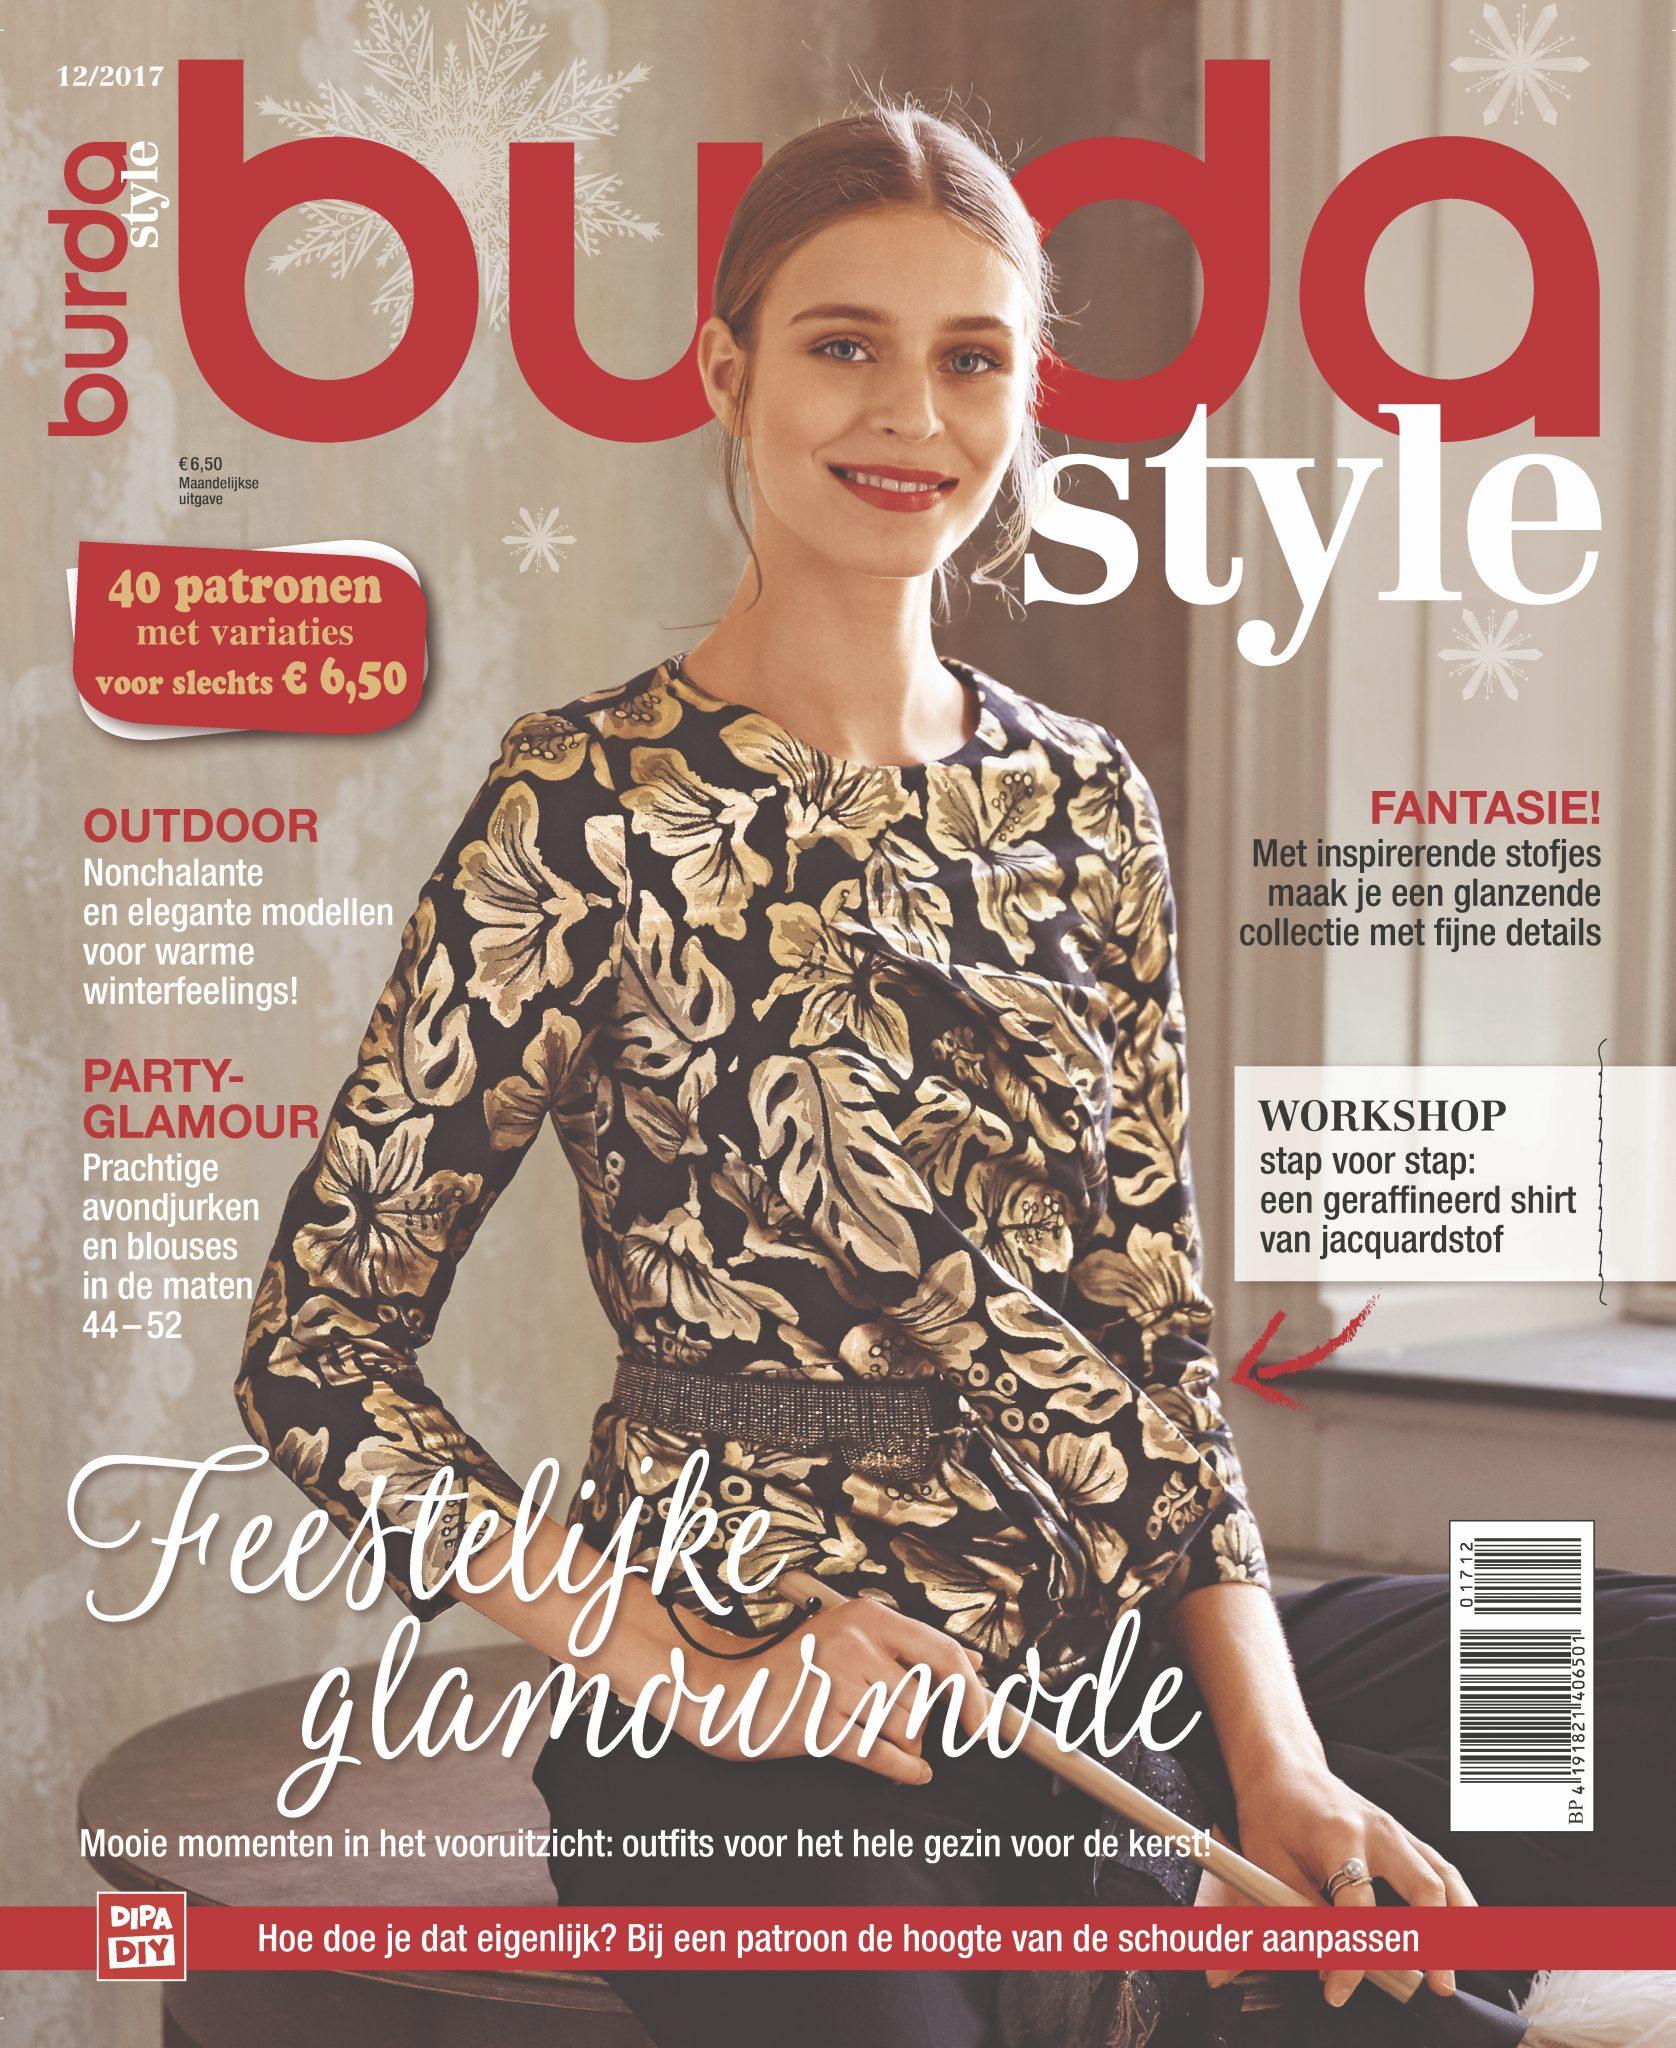 Burda Style december 12 2017